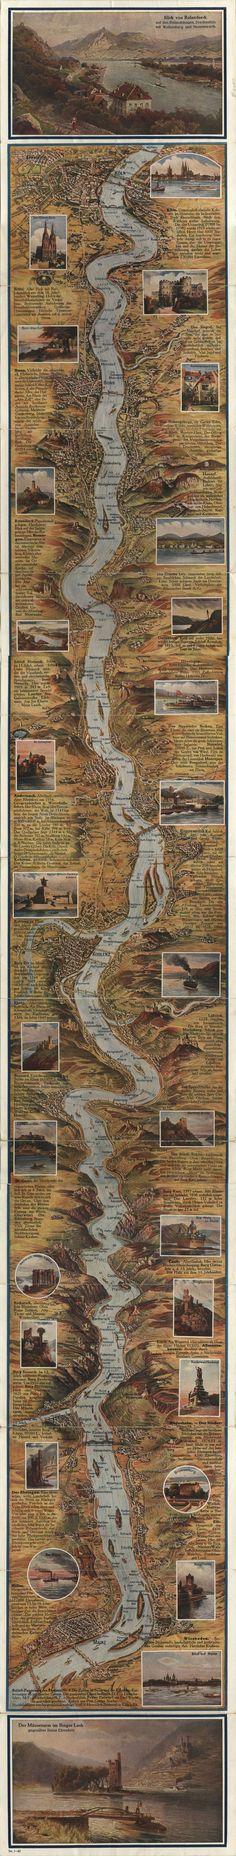 Relief-Panorama des Rheins, 1932 - 10 (from flic.kr/p/bjrLLB)